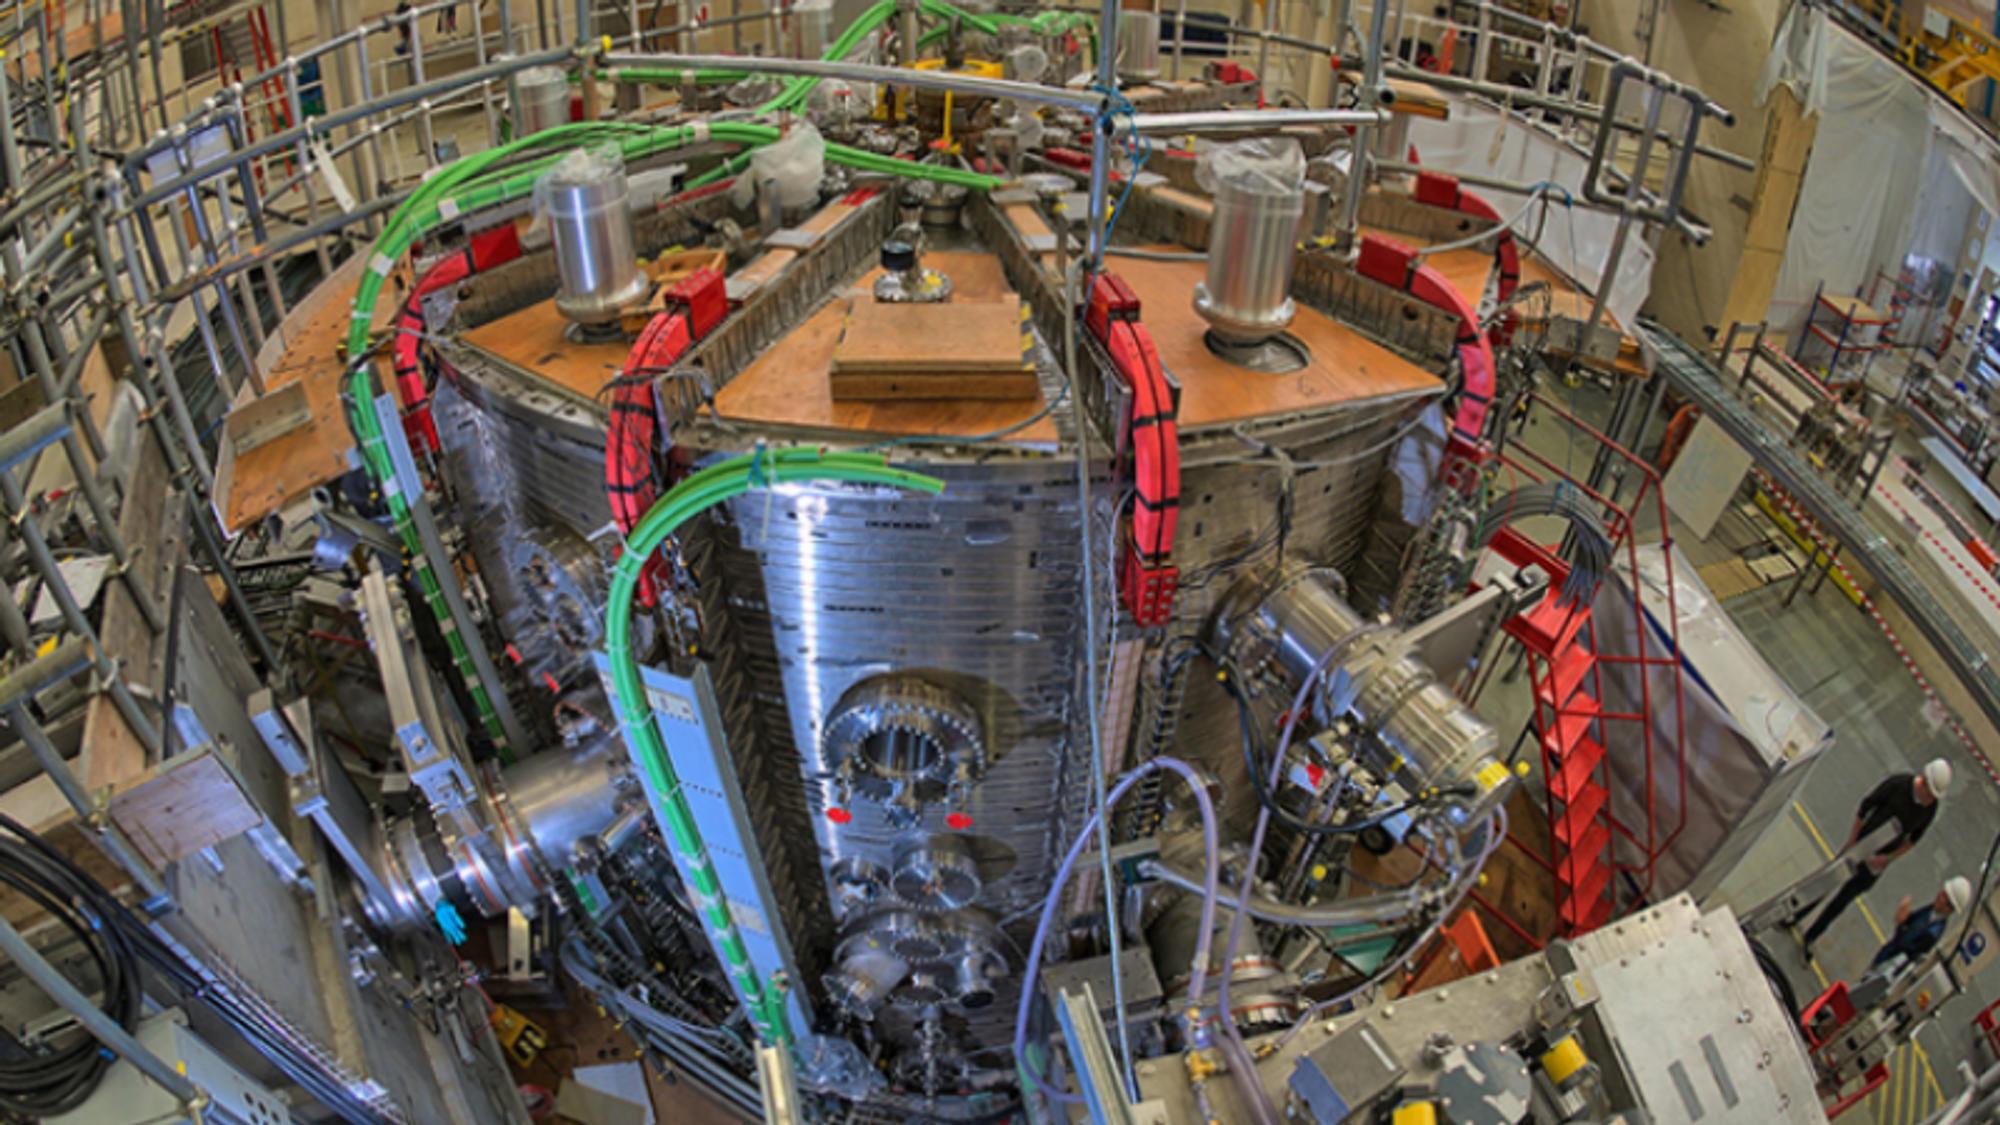 Uten klimagassutslipp og med tilnærmet ubegrensede mengder ikke-radioaktivt drivstoff kan fusjonskraft være en del av en sikker og bærekraftig fremtidig energiforsyning.